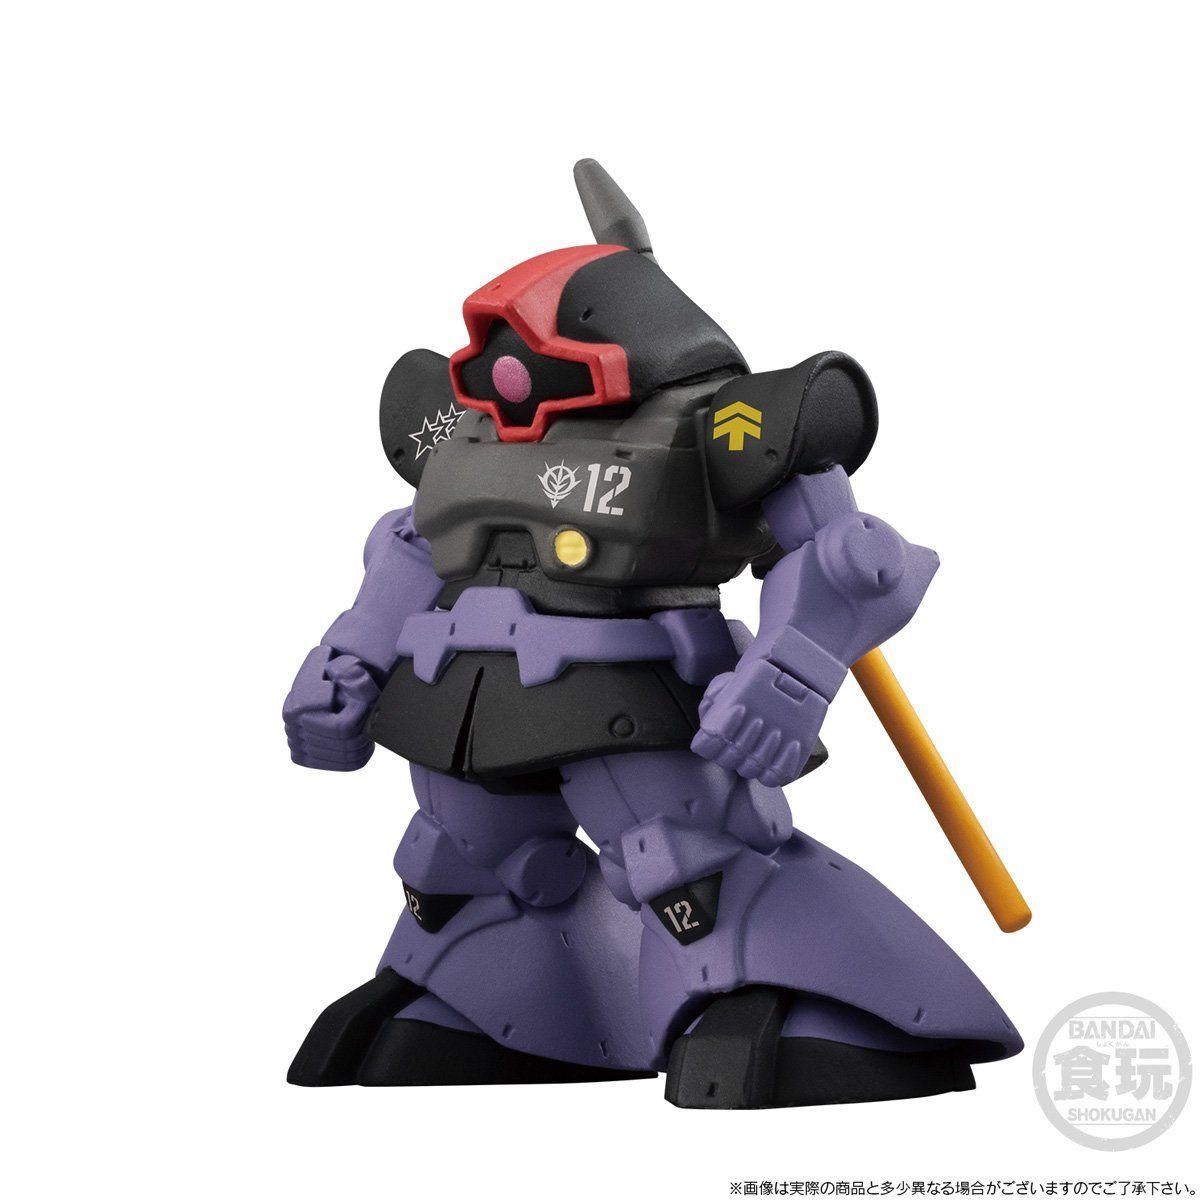 【限定販売】【食玩】FW GUNDAM CONVERGE:CORE『黒い三連星 高機動型ザクII&ドムセット』デフォルメ可動フィギュア-006